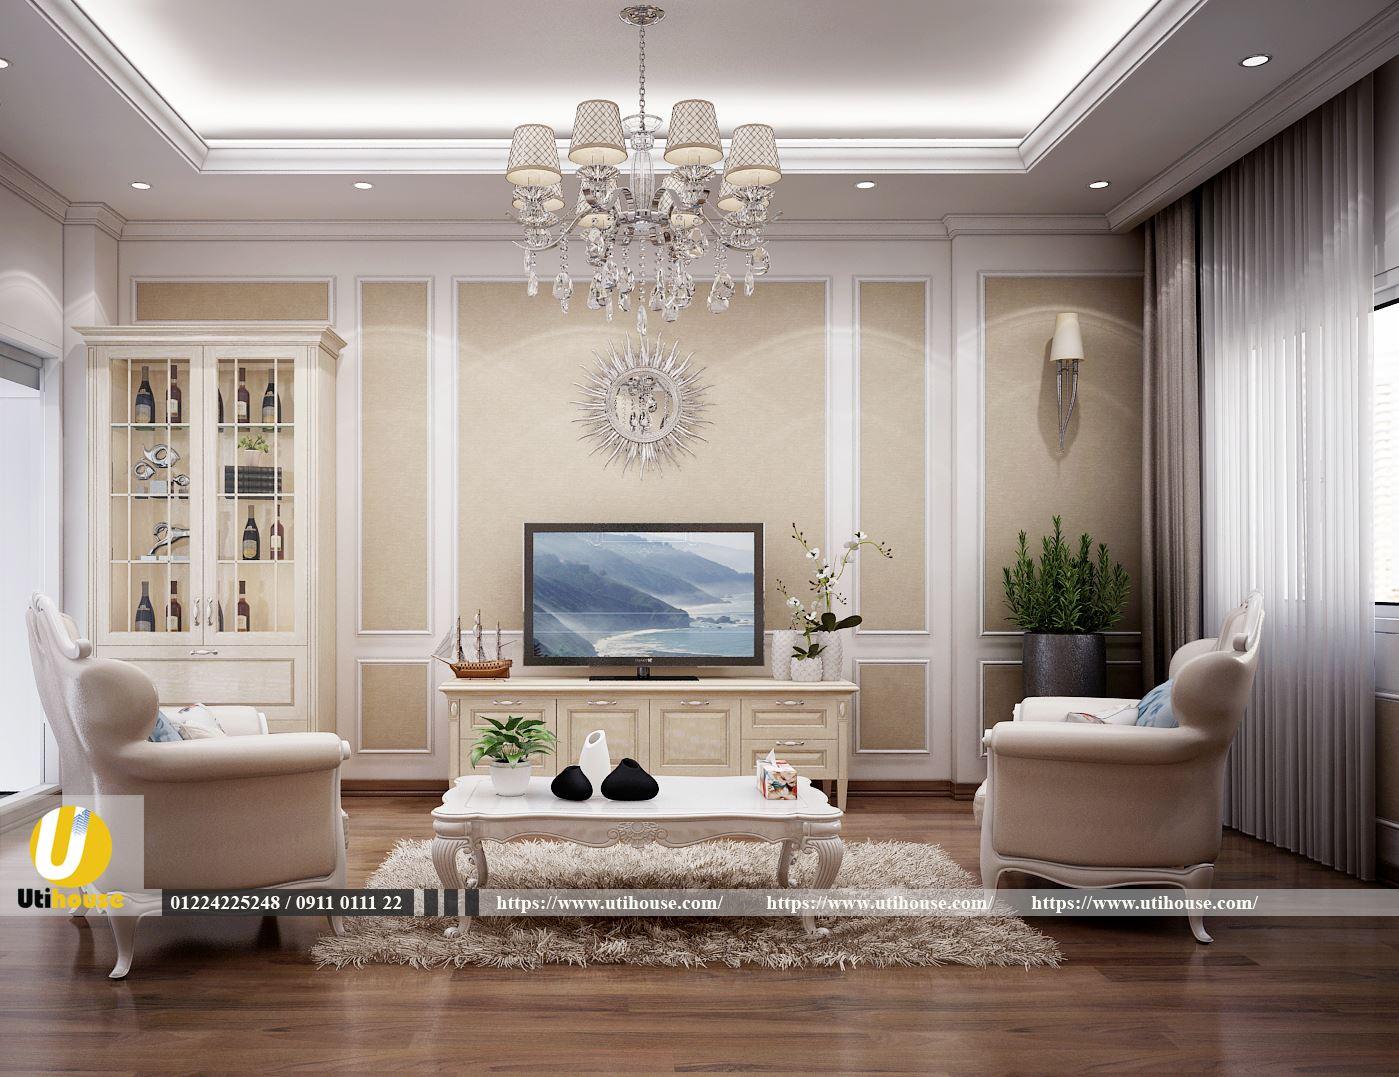 Lựa chọn kích cỡ đồ nội thất vừa phải, sắp xếp đúng cách